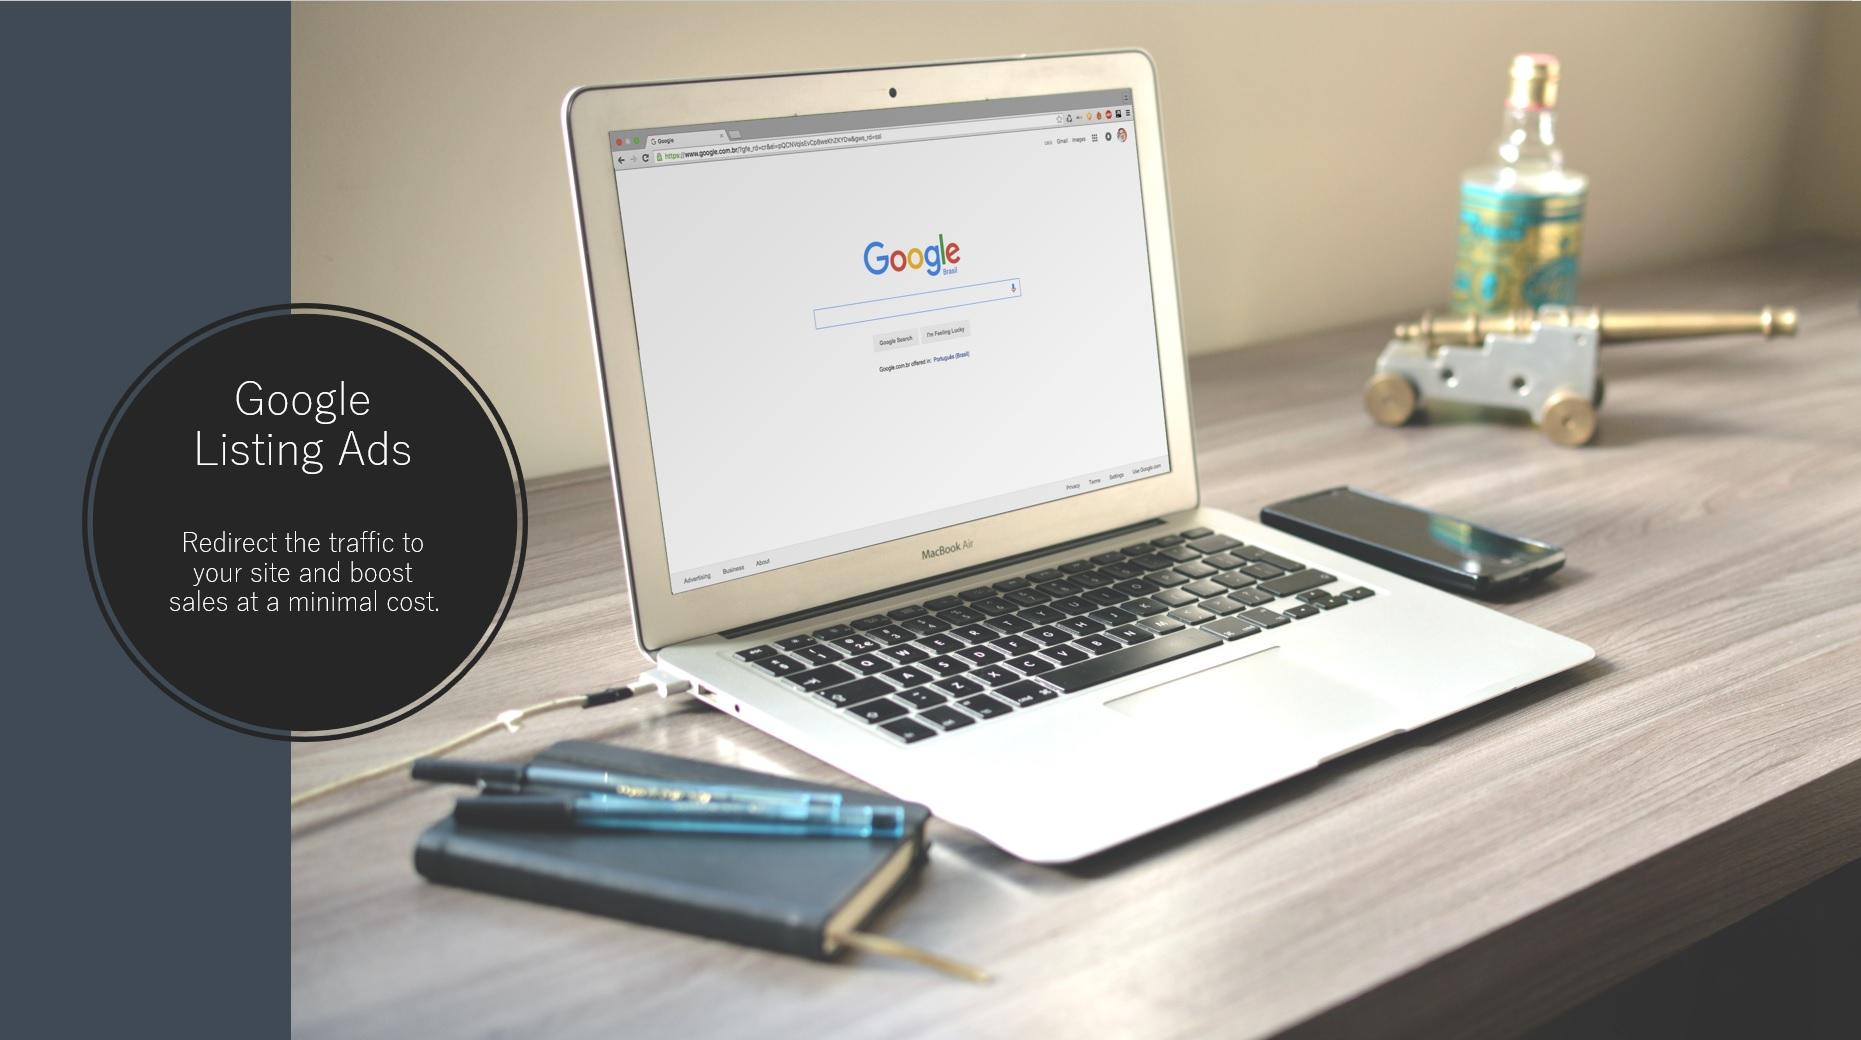 Google listing Ads.